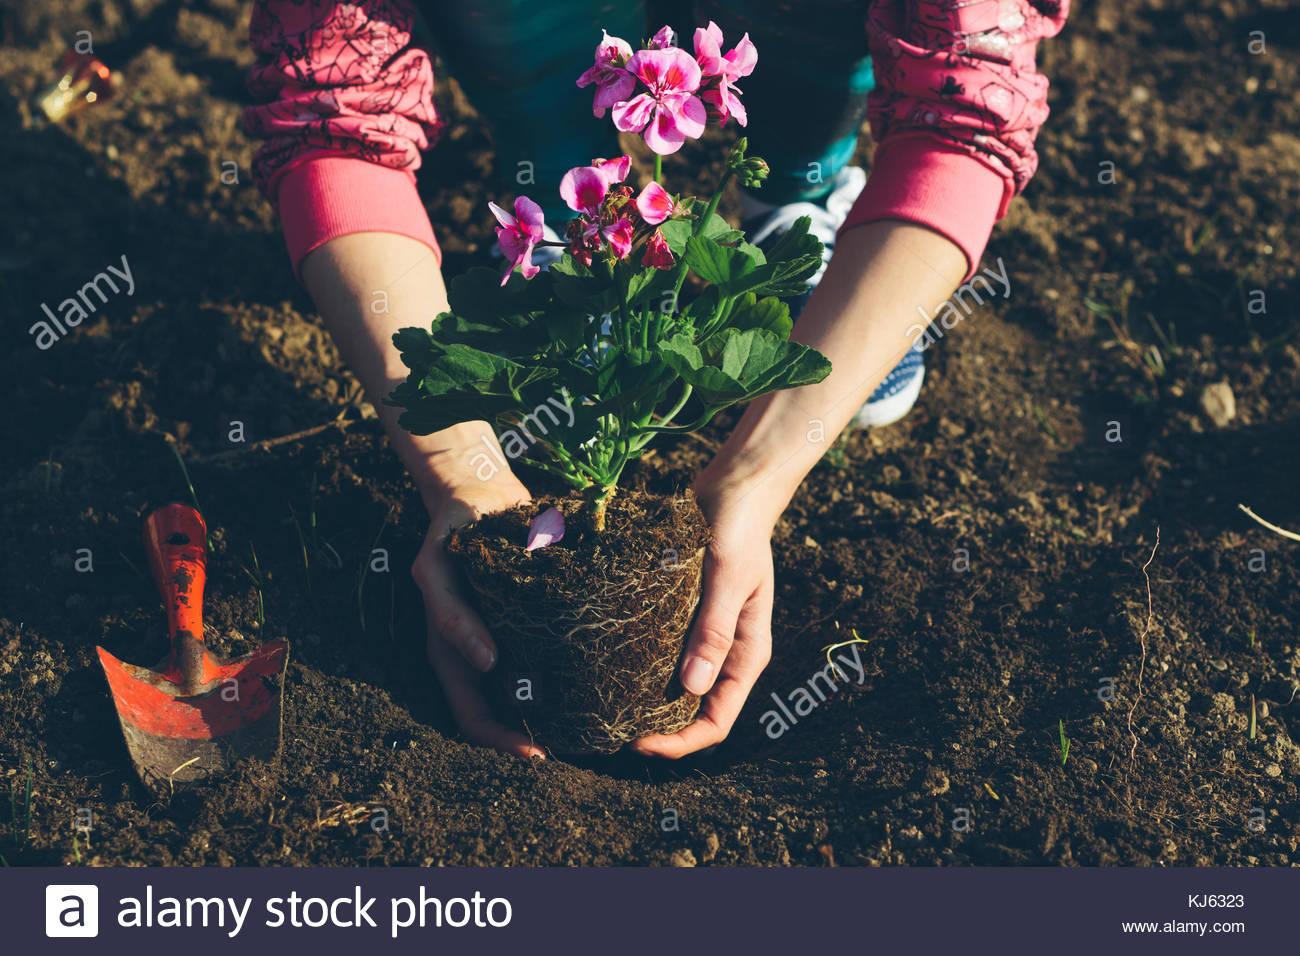 Mains la plantation d'une fleur dans le sol Photo Stock